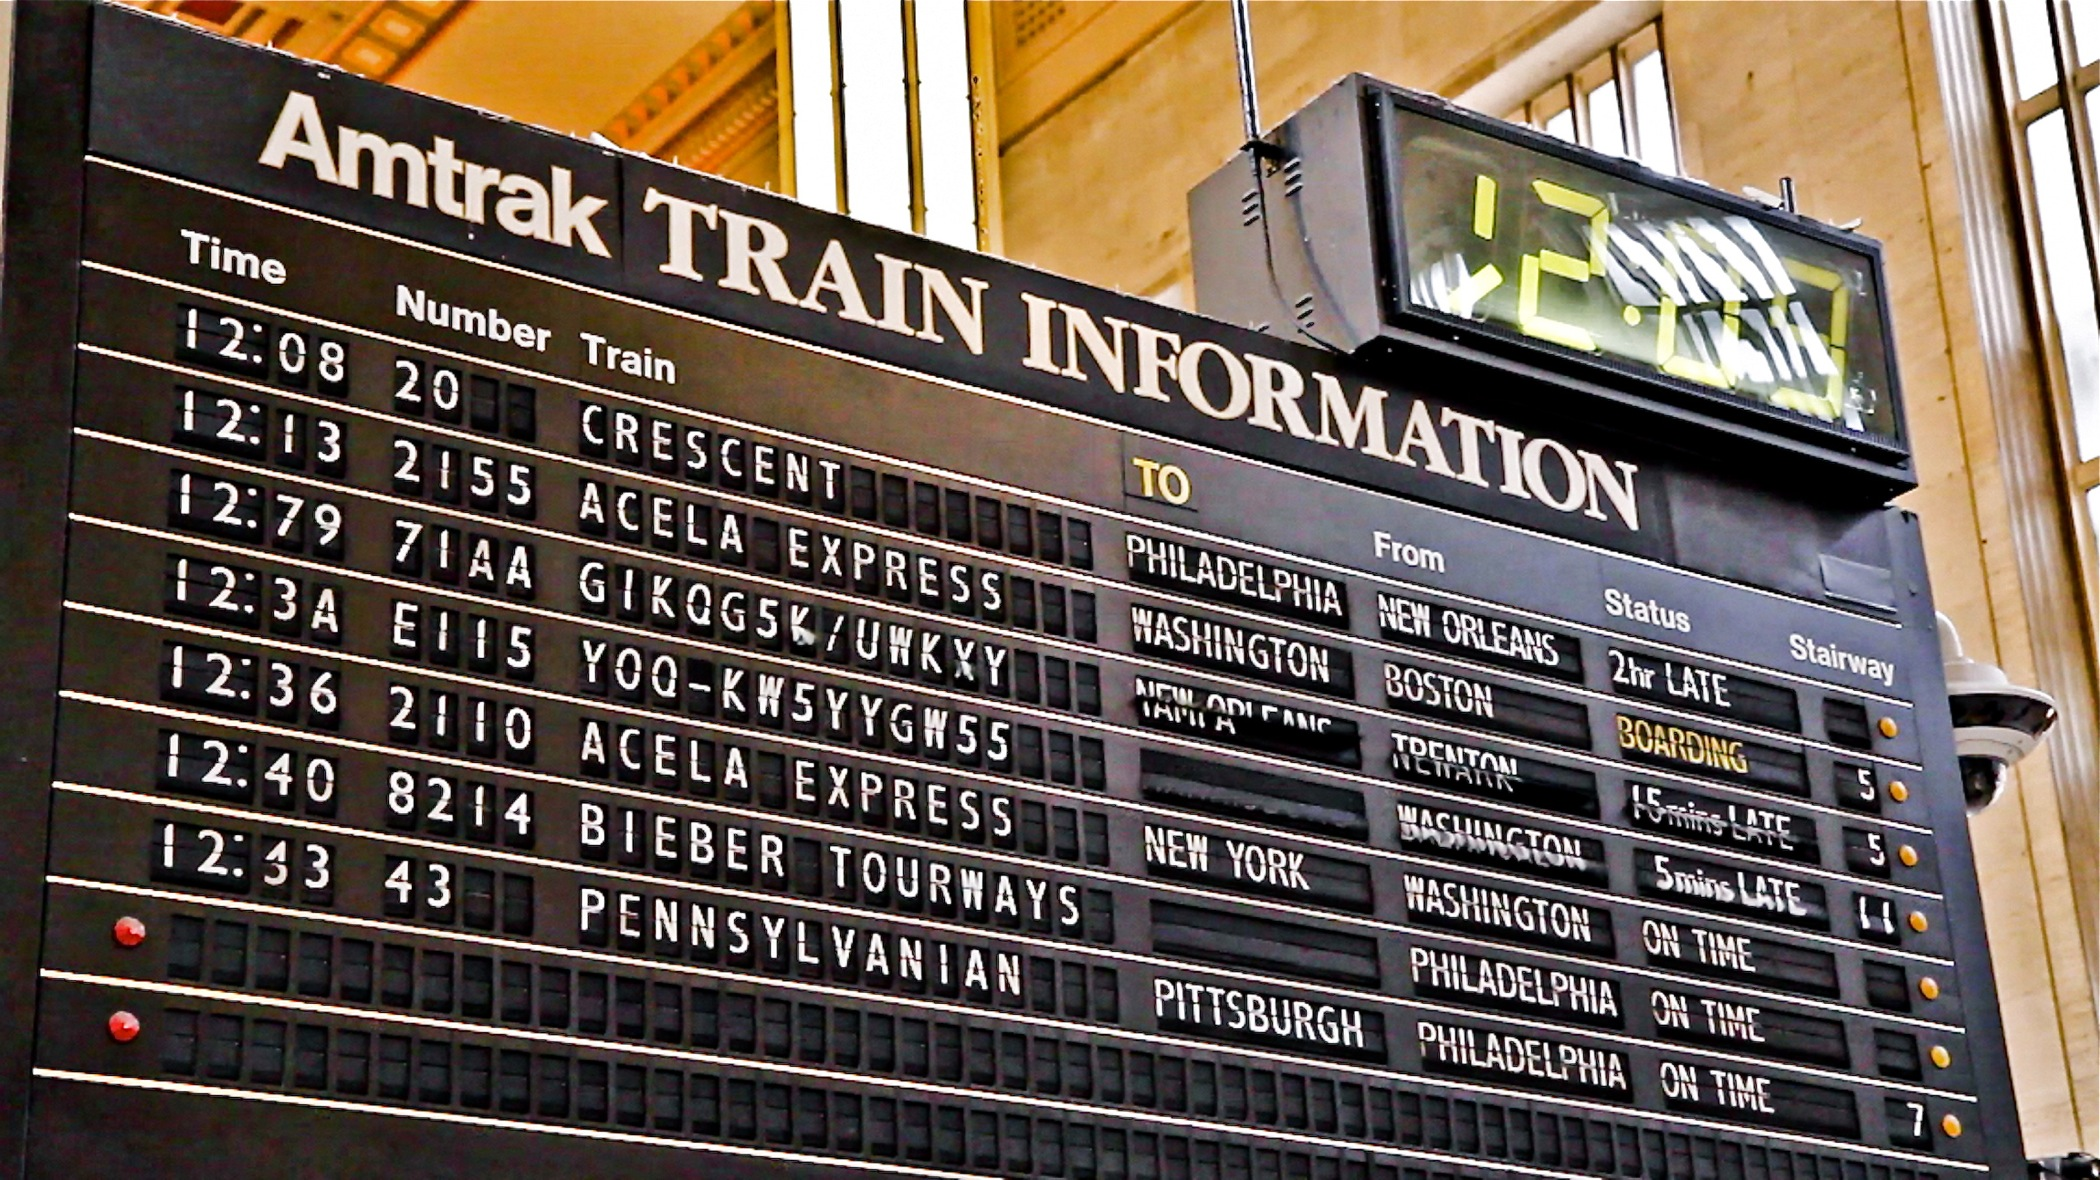 flipboard flip-flop: 30th street station's split-flap schedule board